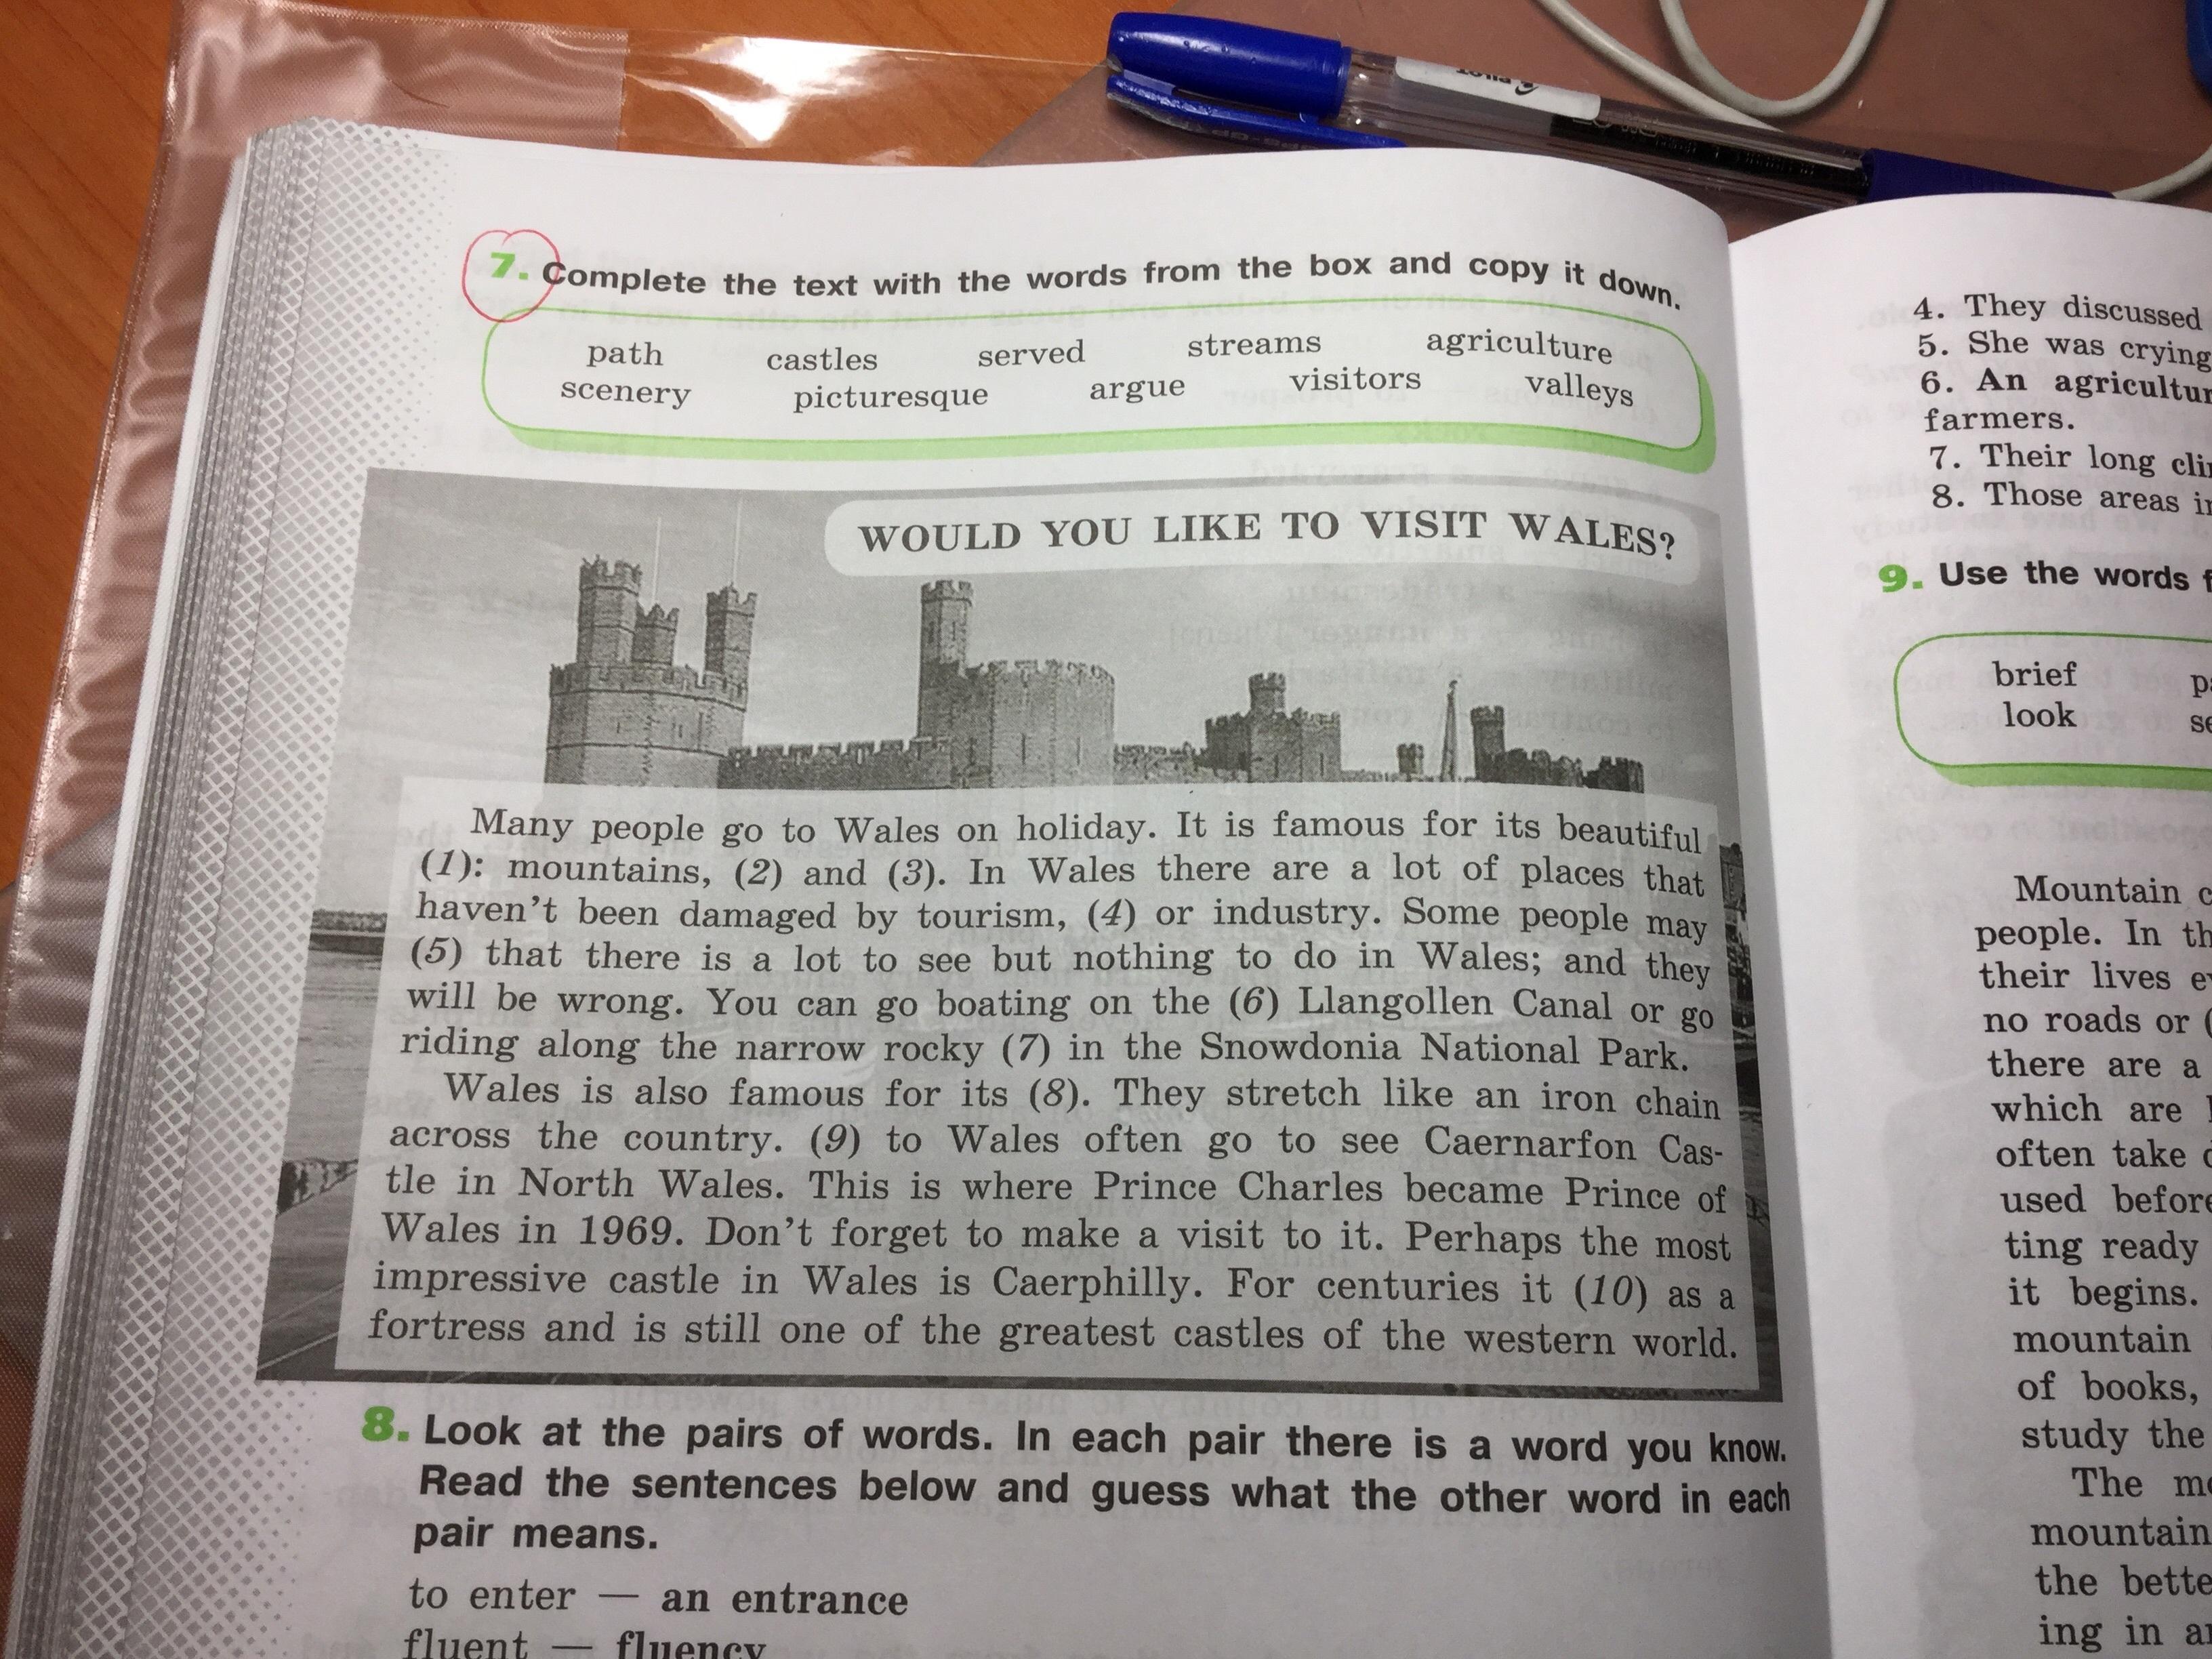 Would you like to visit Wales? Помогите пожалуйста вставить слова в текст. В английском я не шарю, но объяснений в учебнике нет